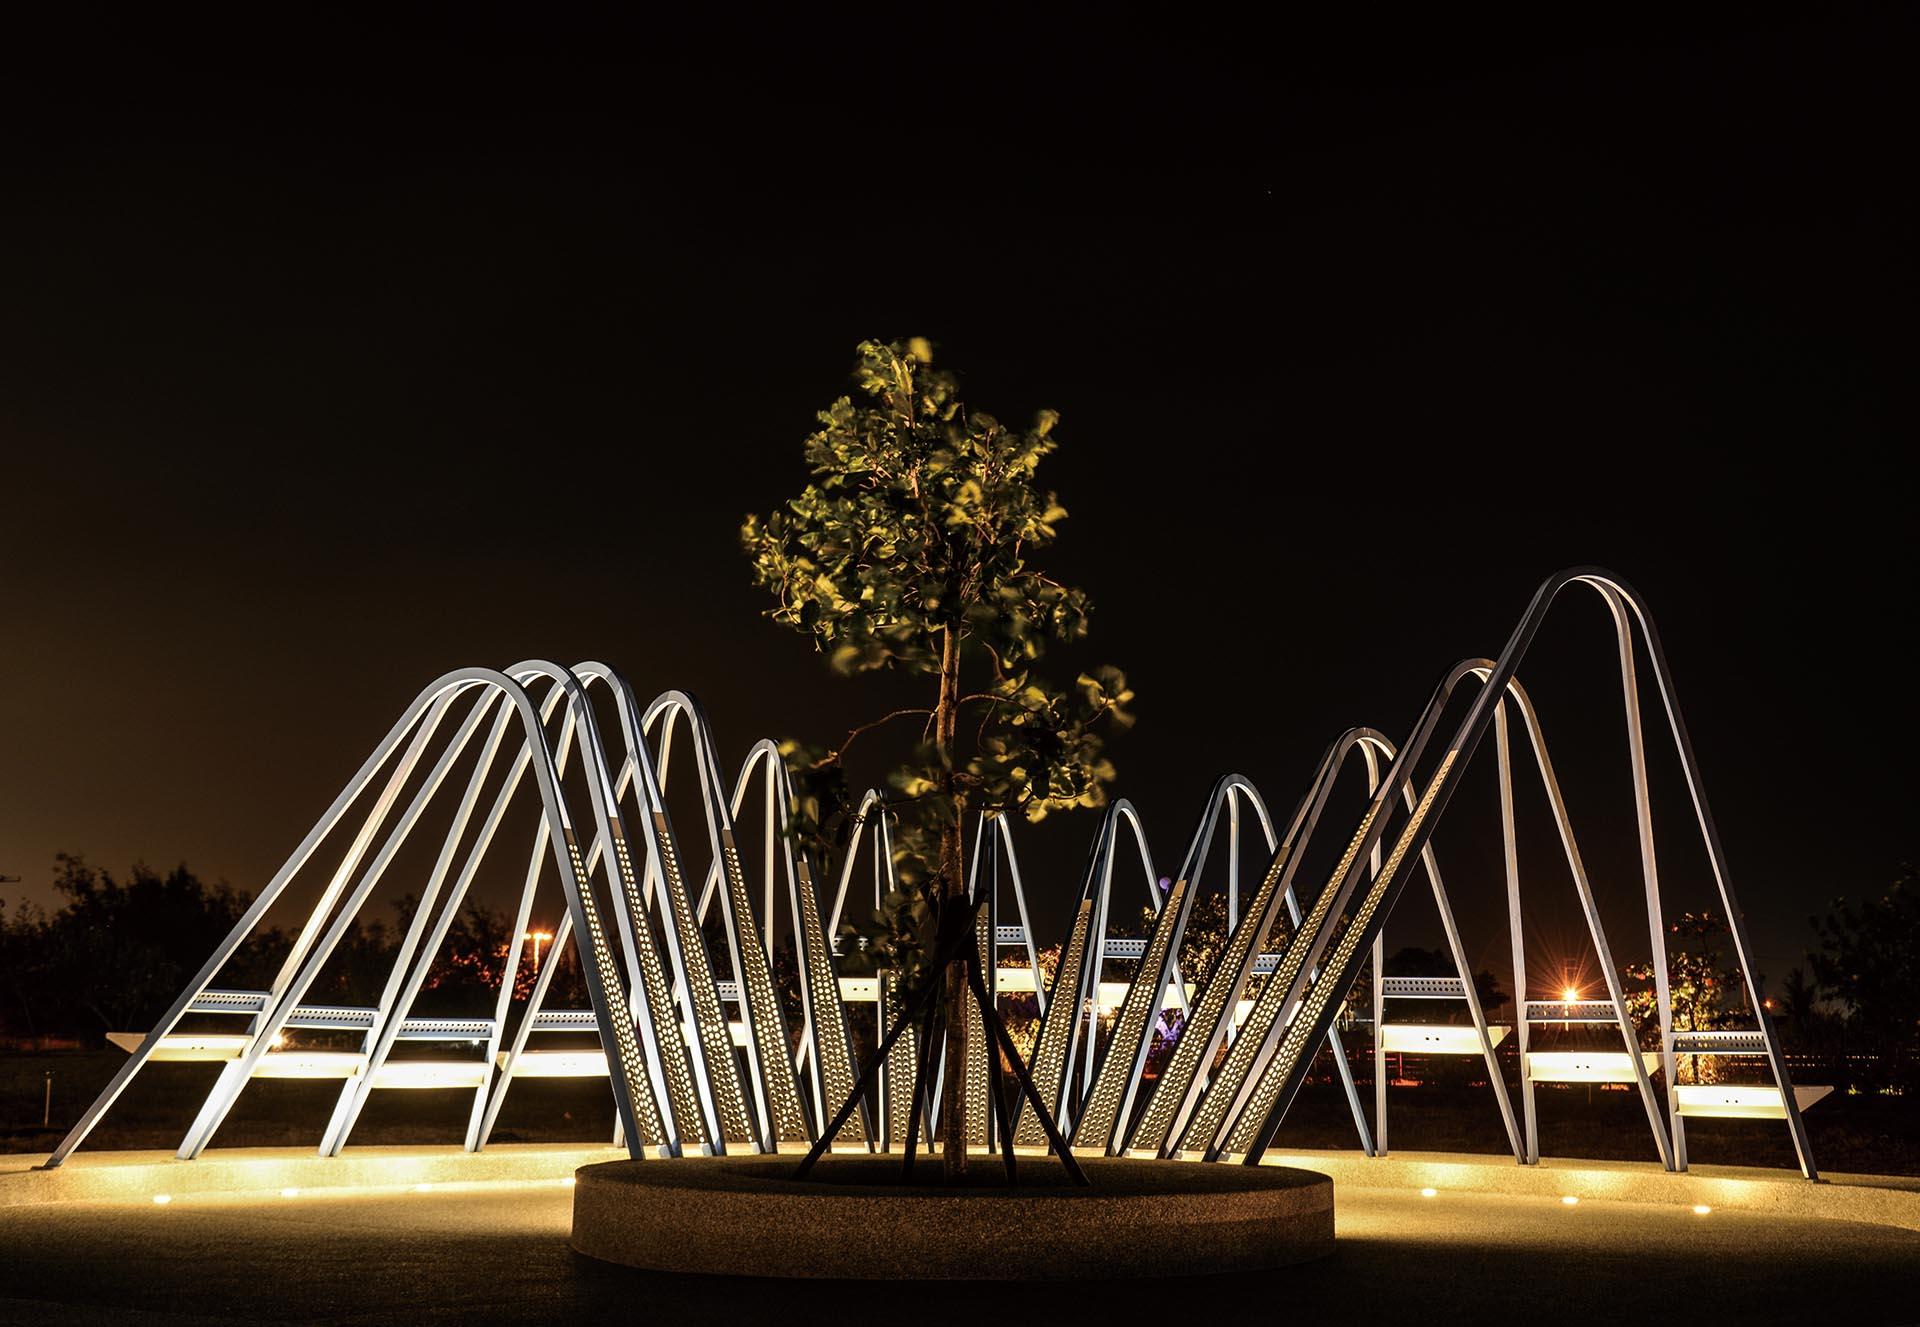 Wonderland Landscape Installation by Sammy Liu